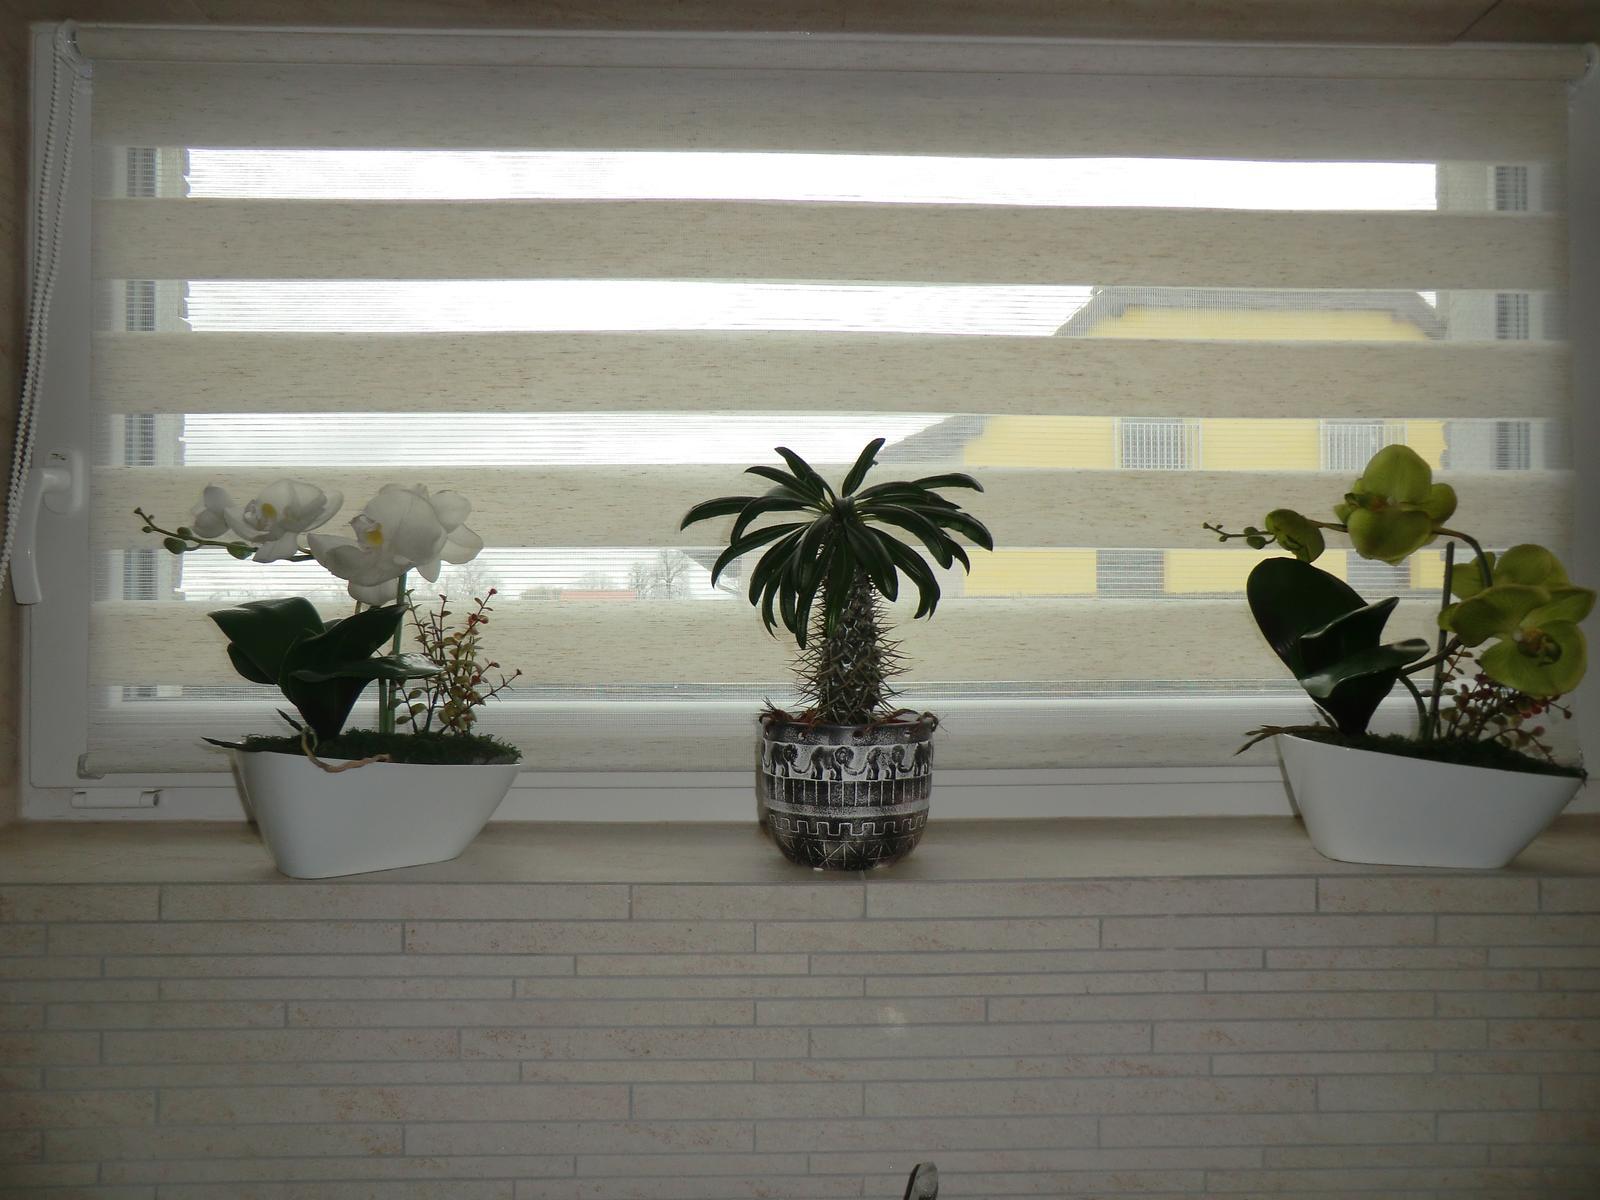 Rolety den a noc - Konečně se na mě nebude nikdo dívat z protějšího okna, zda si pečlivě čistím zuby :-)